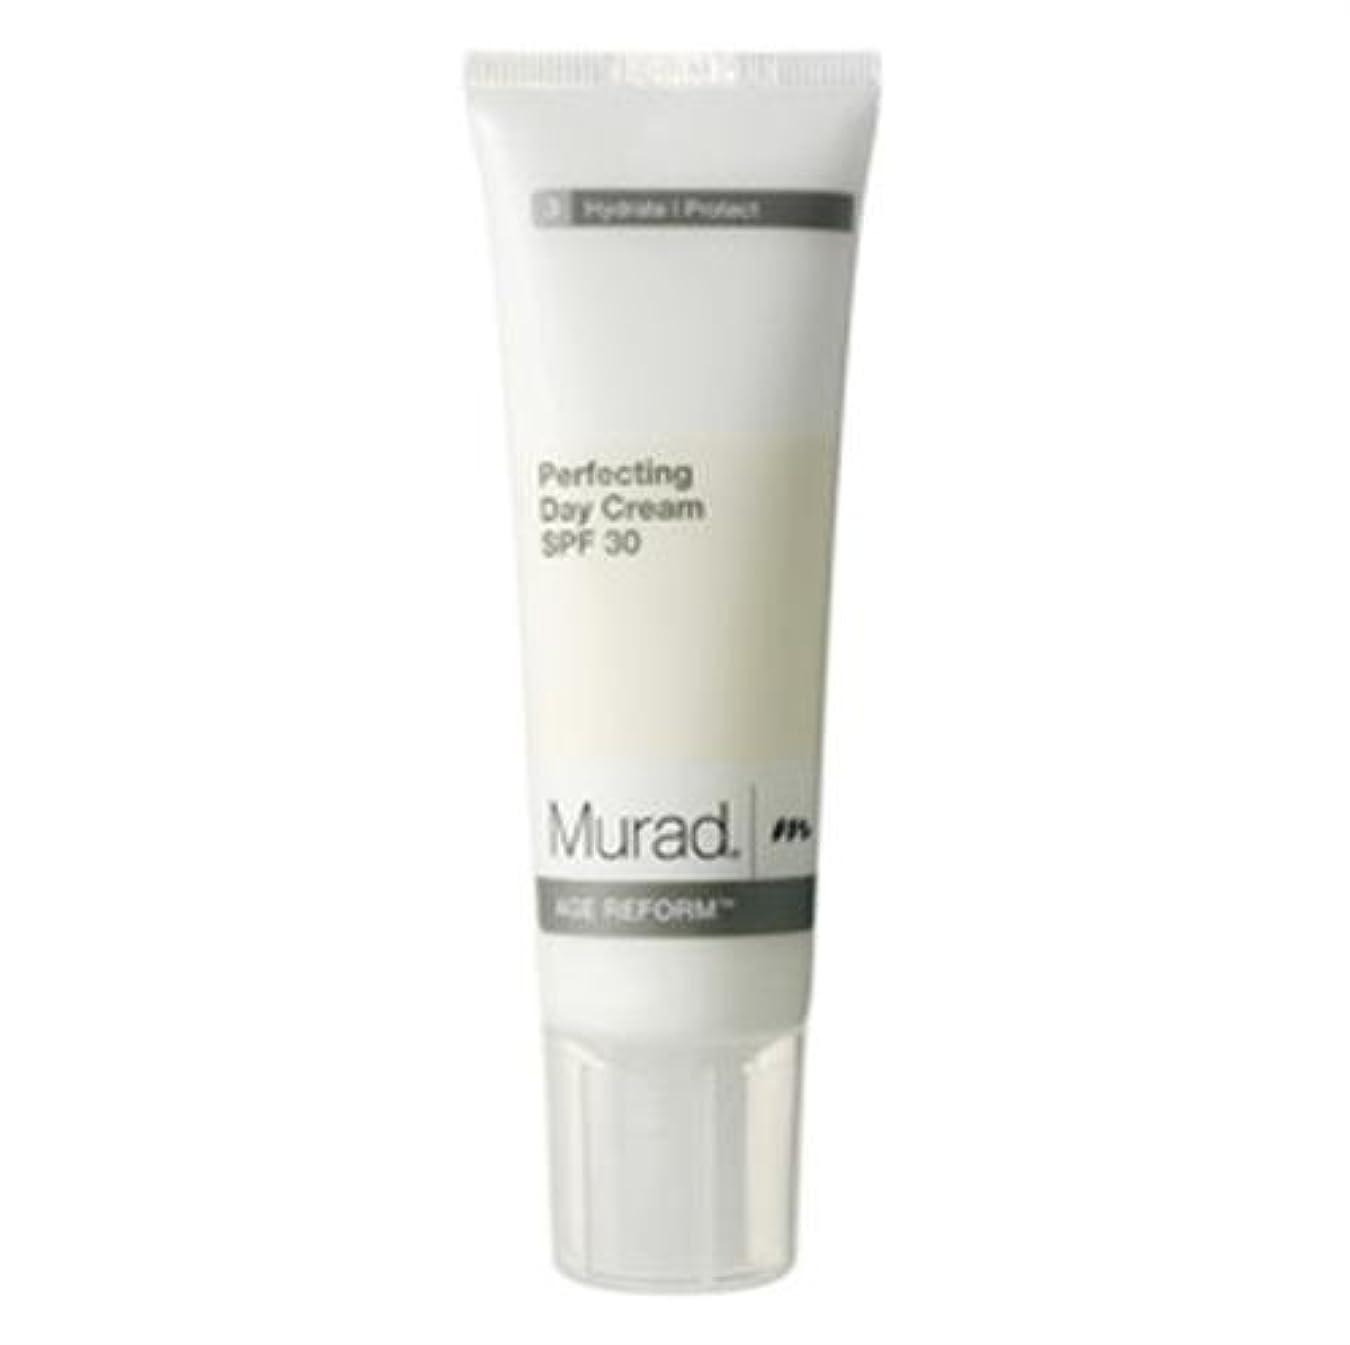 不倫不定考案するミュラド Perfecting Day Cream SPF30 - Dry/Sensitive Skin (Exp. Date 03/2020) 50ml/1.7oz並行輸入品